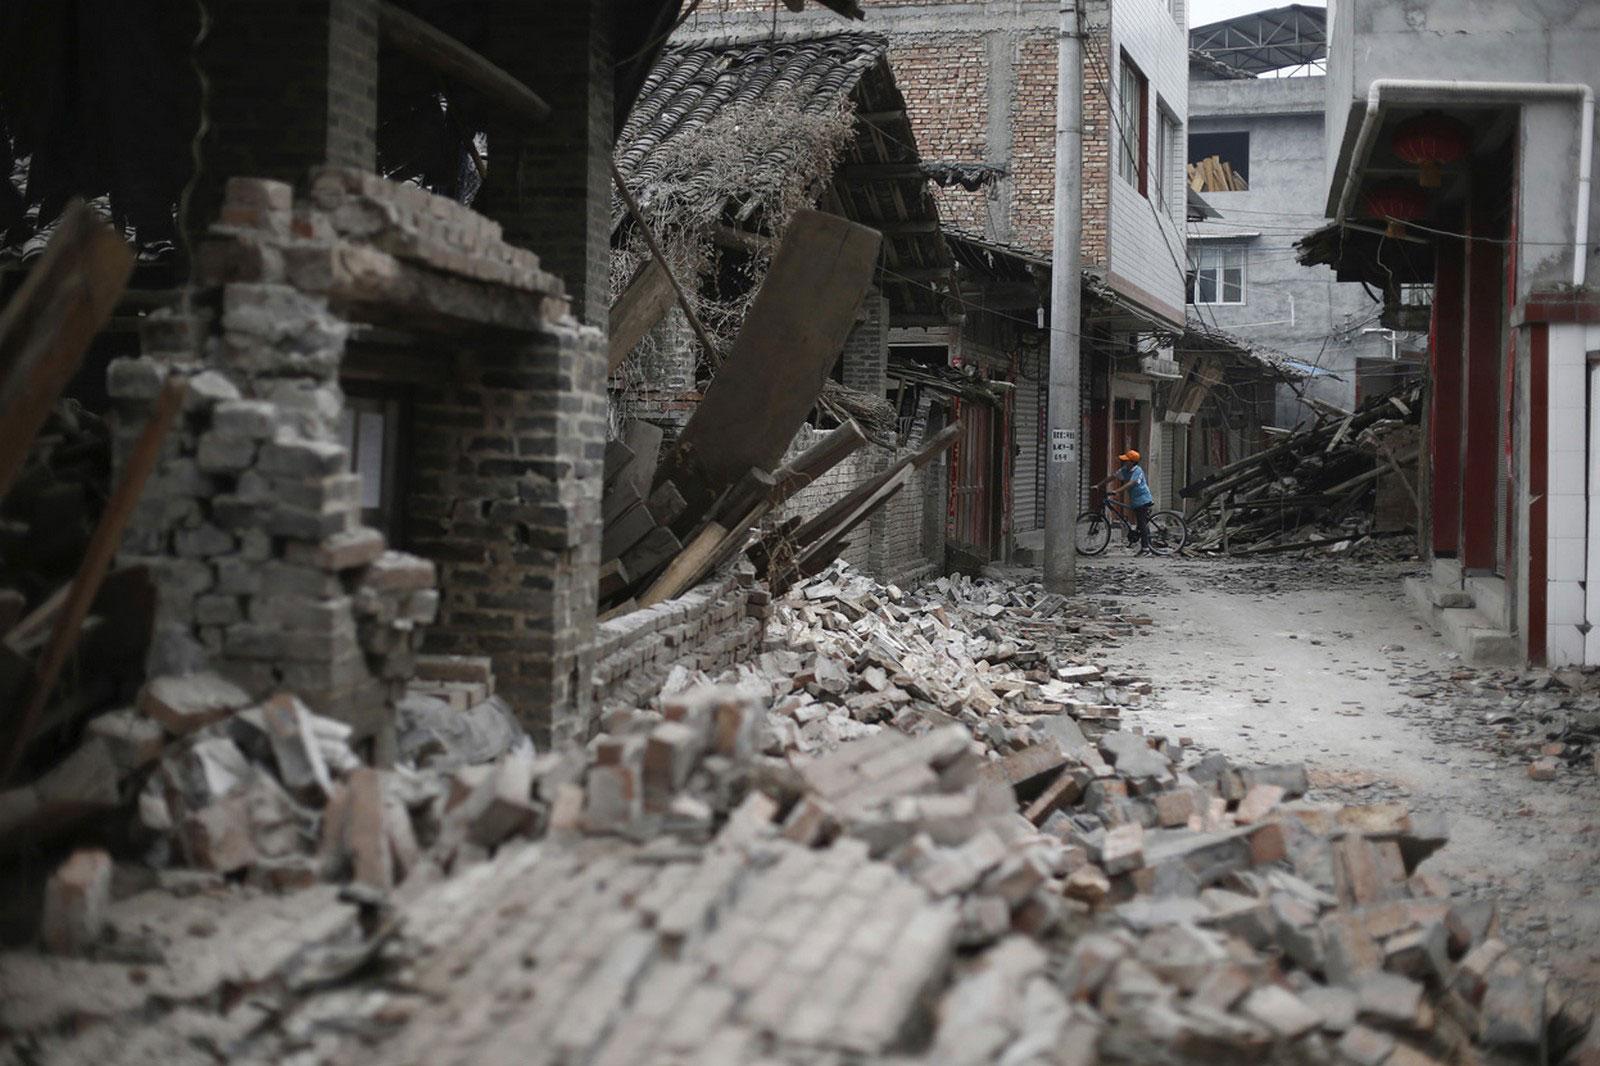 Мальчик на велосипеде среди разрушенных домов